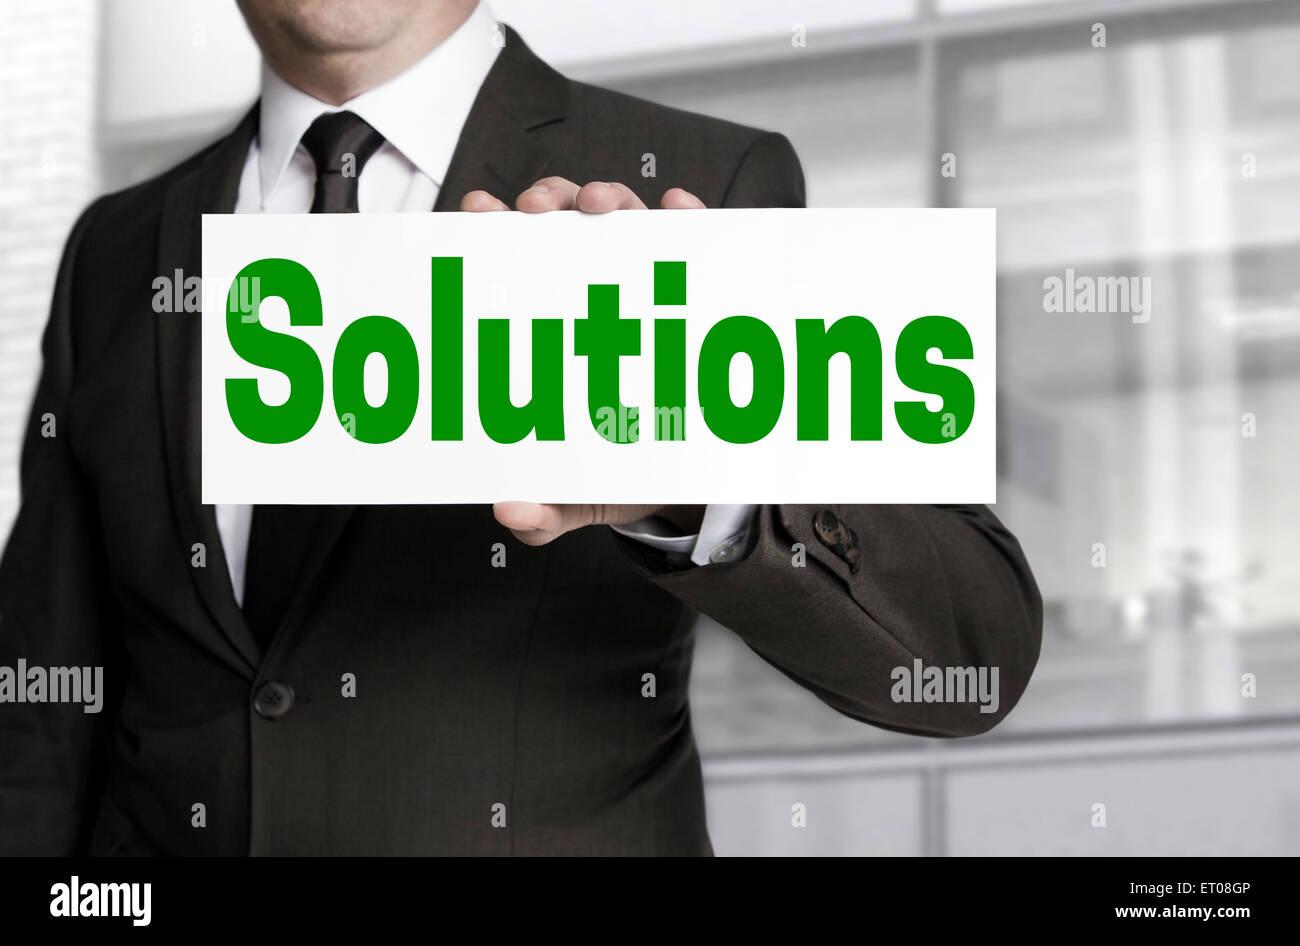 Soluciones signo es celebrada por el empresario. Imagen De Stock